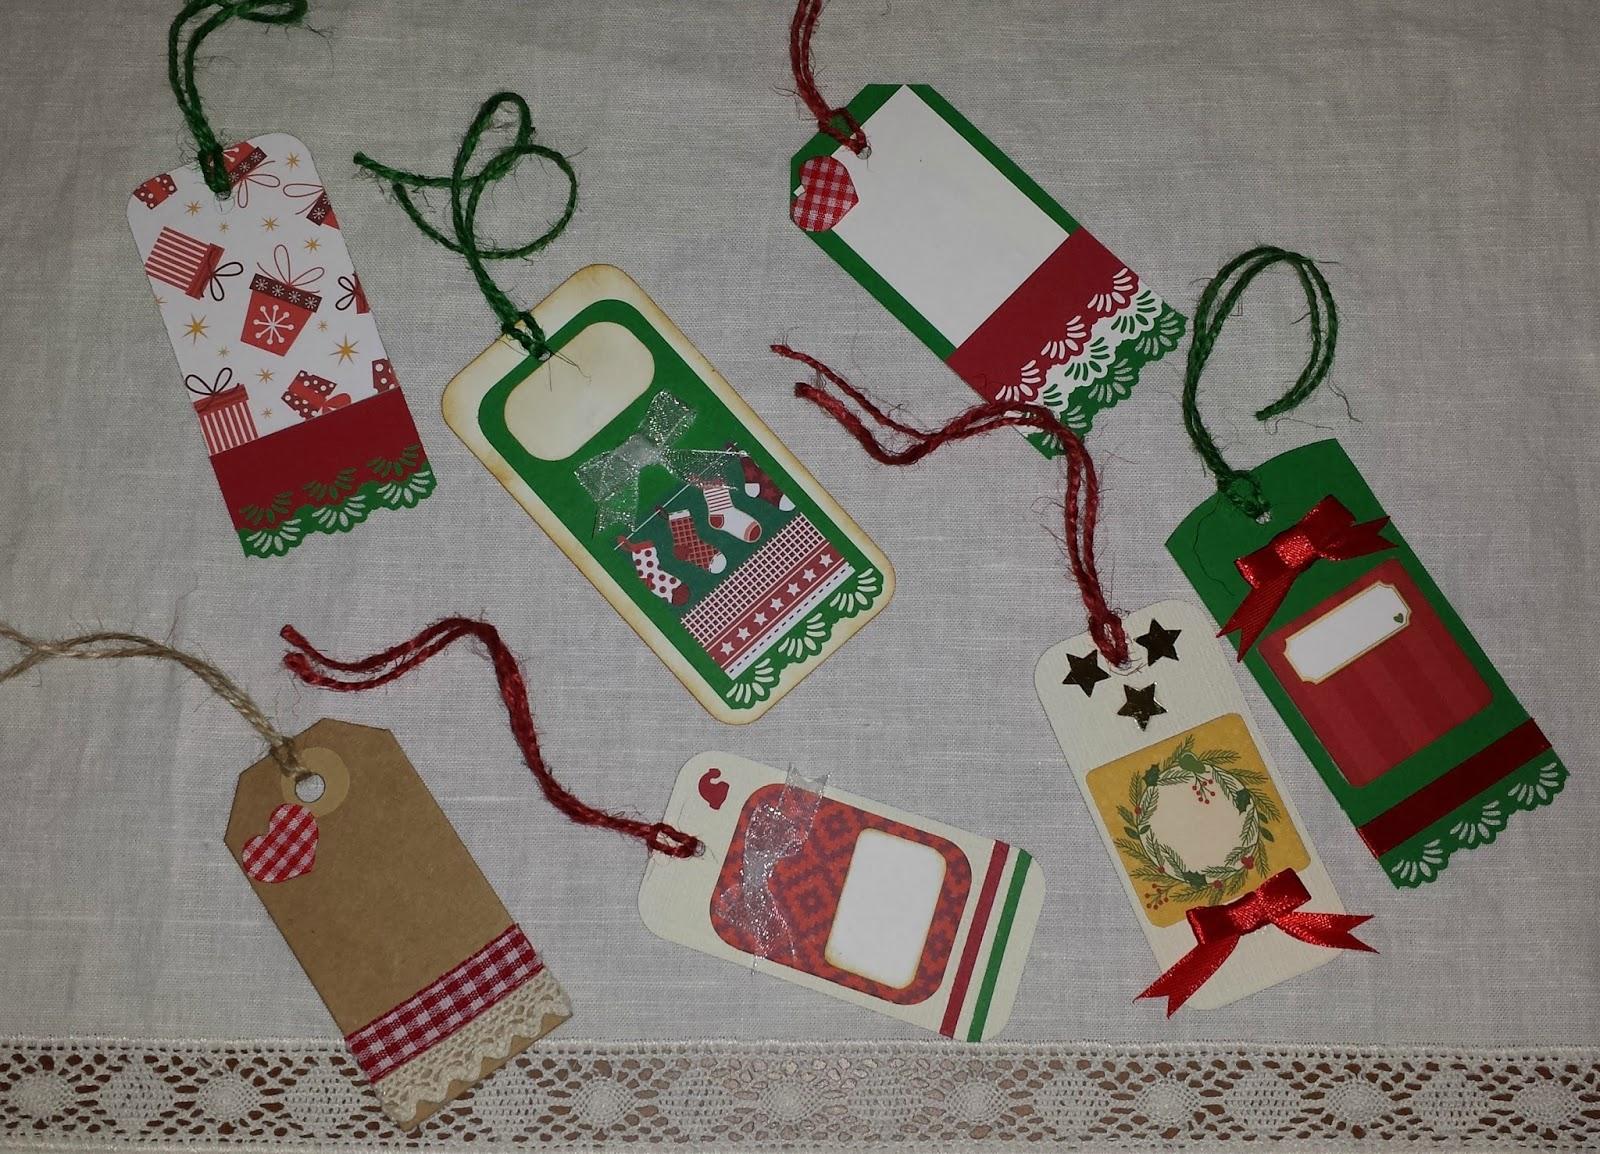 todas las cosas que prepar el ao pasado he preparado cositas nuevas mi pasin por el scrap estoy haciendo etiquetas para los regalos